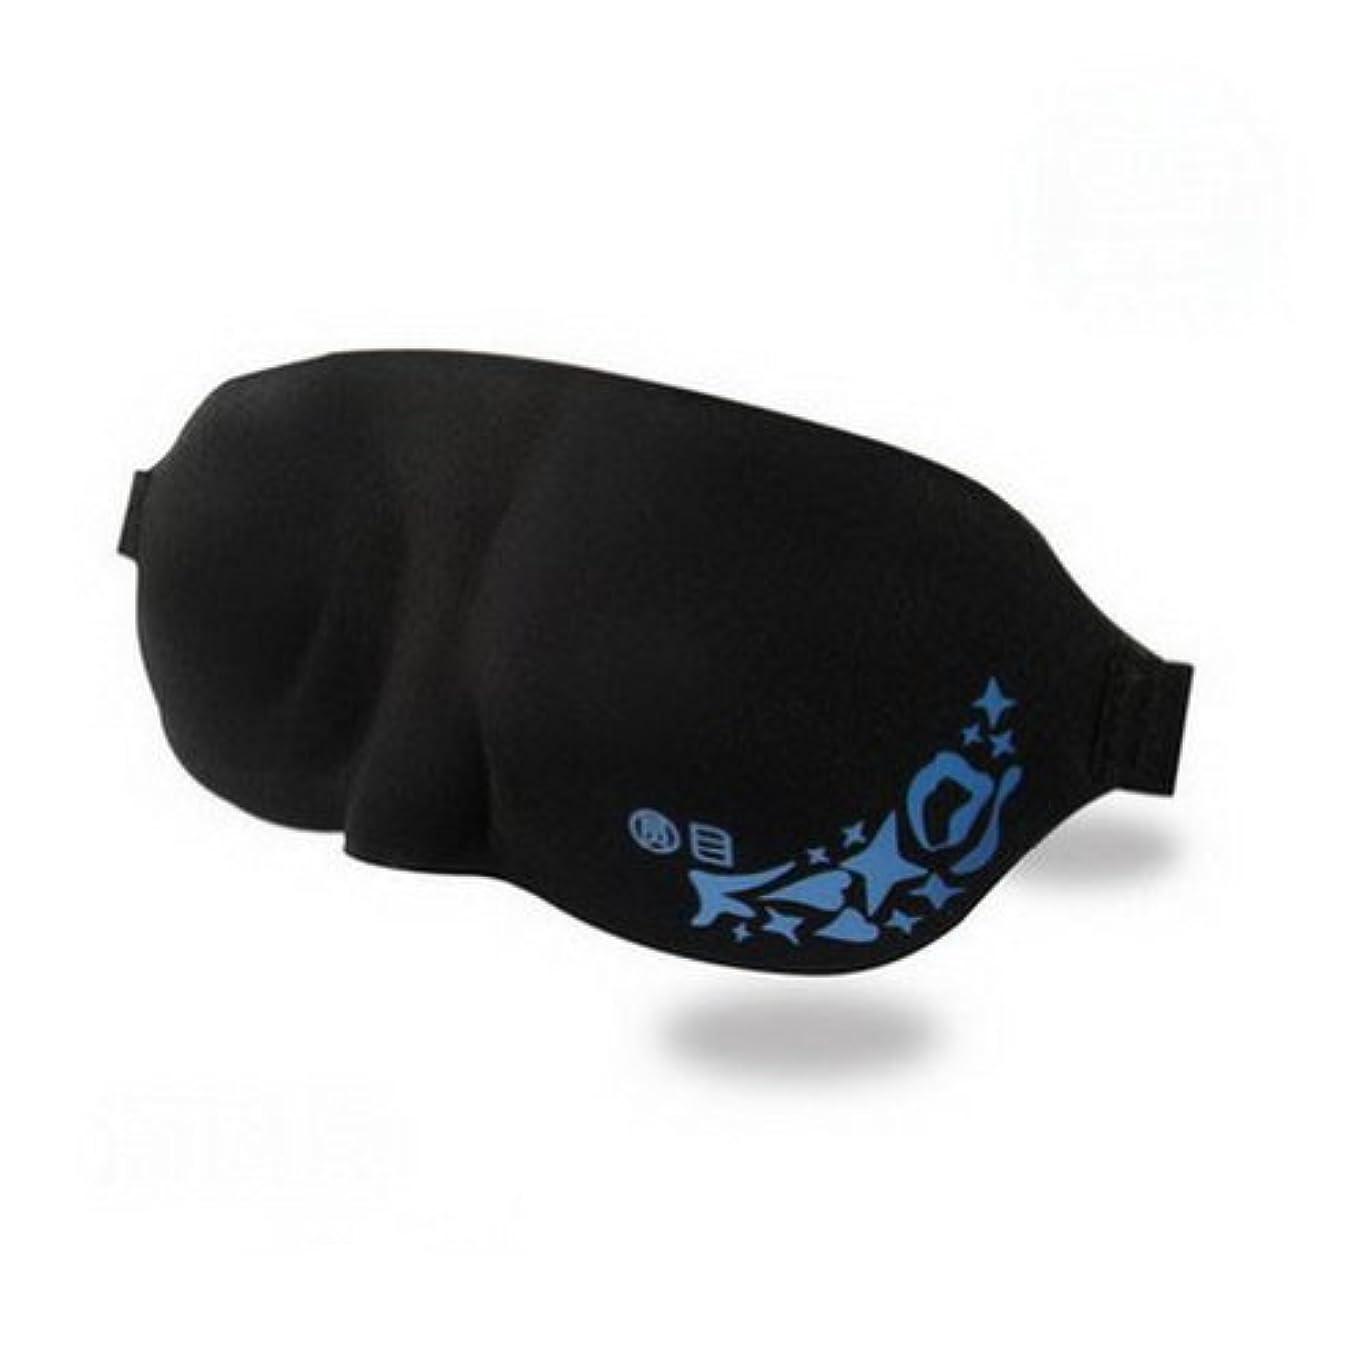 援助カバー旅行および仮眠のための3D睡眠の目マスクの目パッチの目隠しの陰